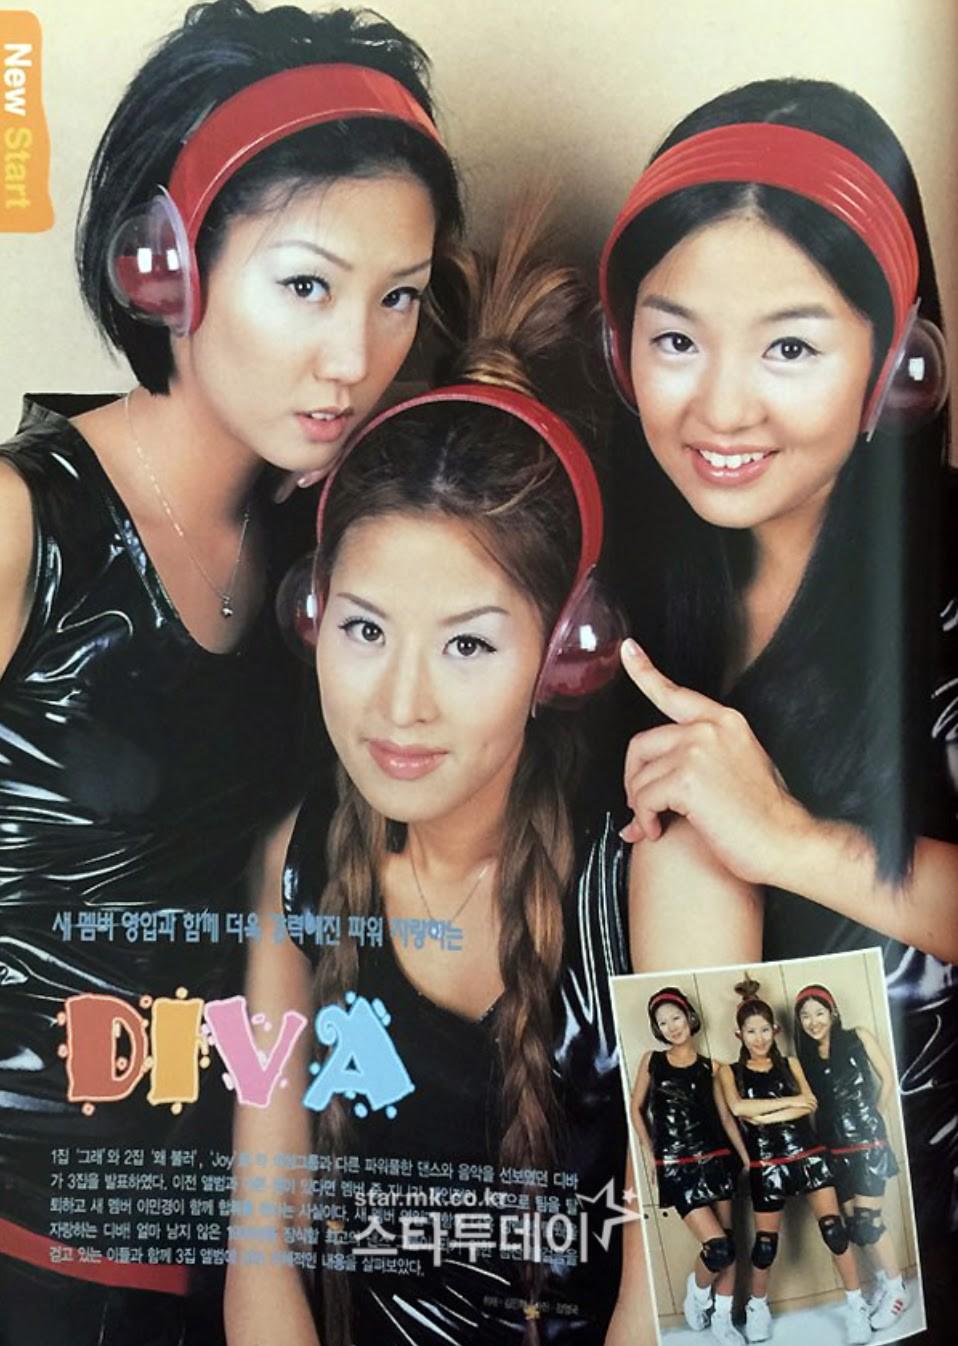 """Ngắm lại kiểu tóc của 10 idol Hàn """"hot hit"""" thập niên 90, netizen mới thở phào: May mà thời đó đã qua - Ảnh 6."""